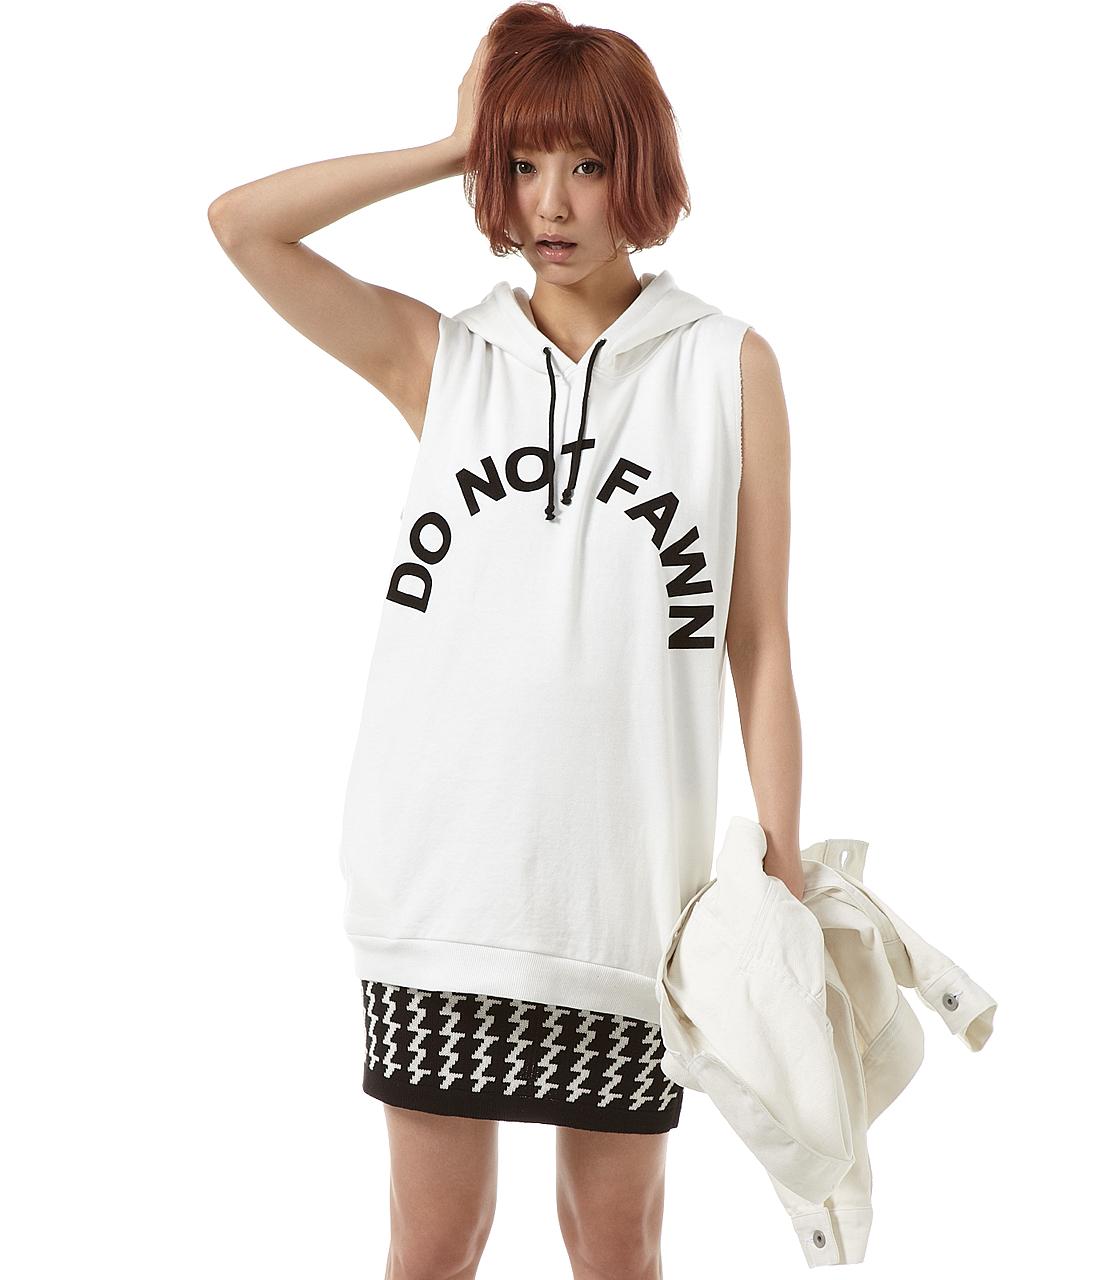 シャツ通販〜SLY LANGブランドの【SLY LANG】DO NOT FAWN スウェットPO/春夏/トレンド/ブランド